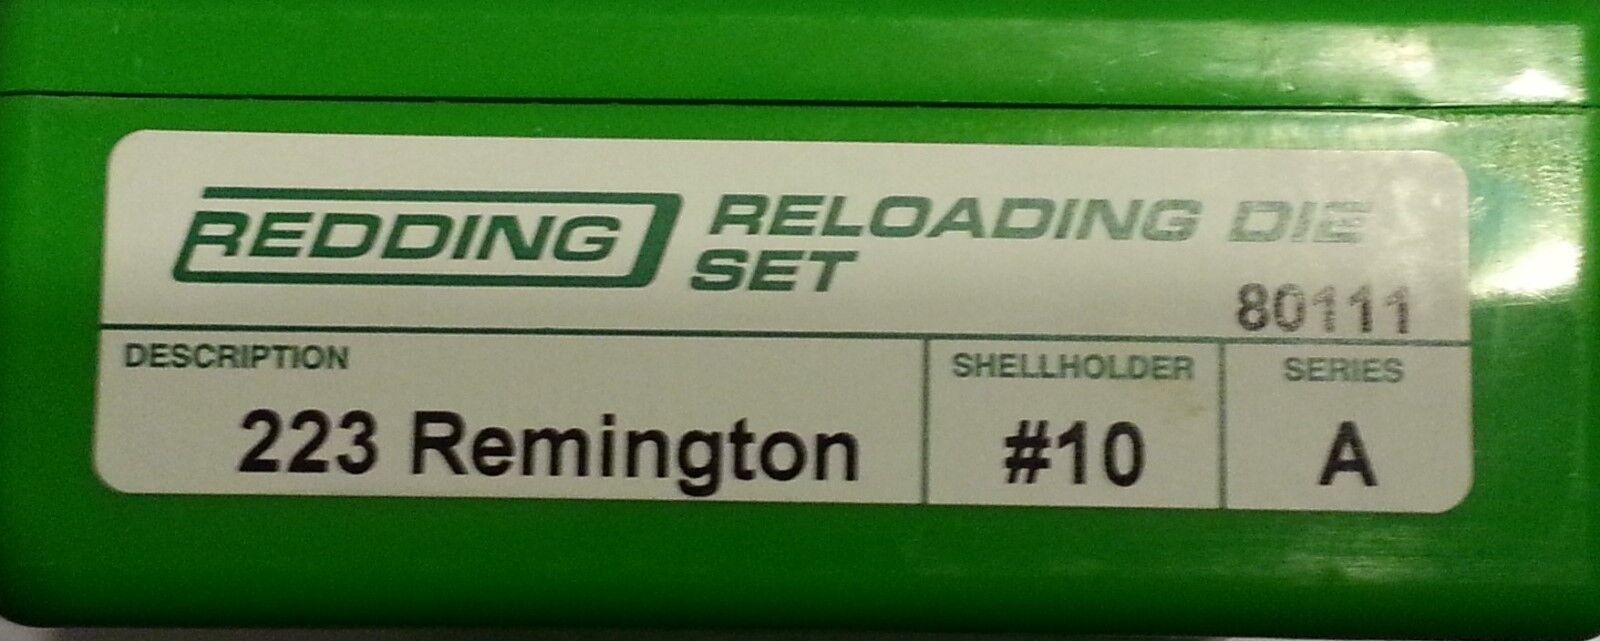 80111 rojoDING 223 REMINGTON 2 Die Set-Totalmente Nuevo-Envío Gratis